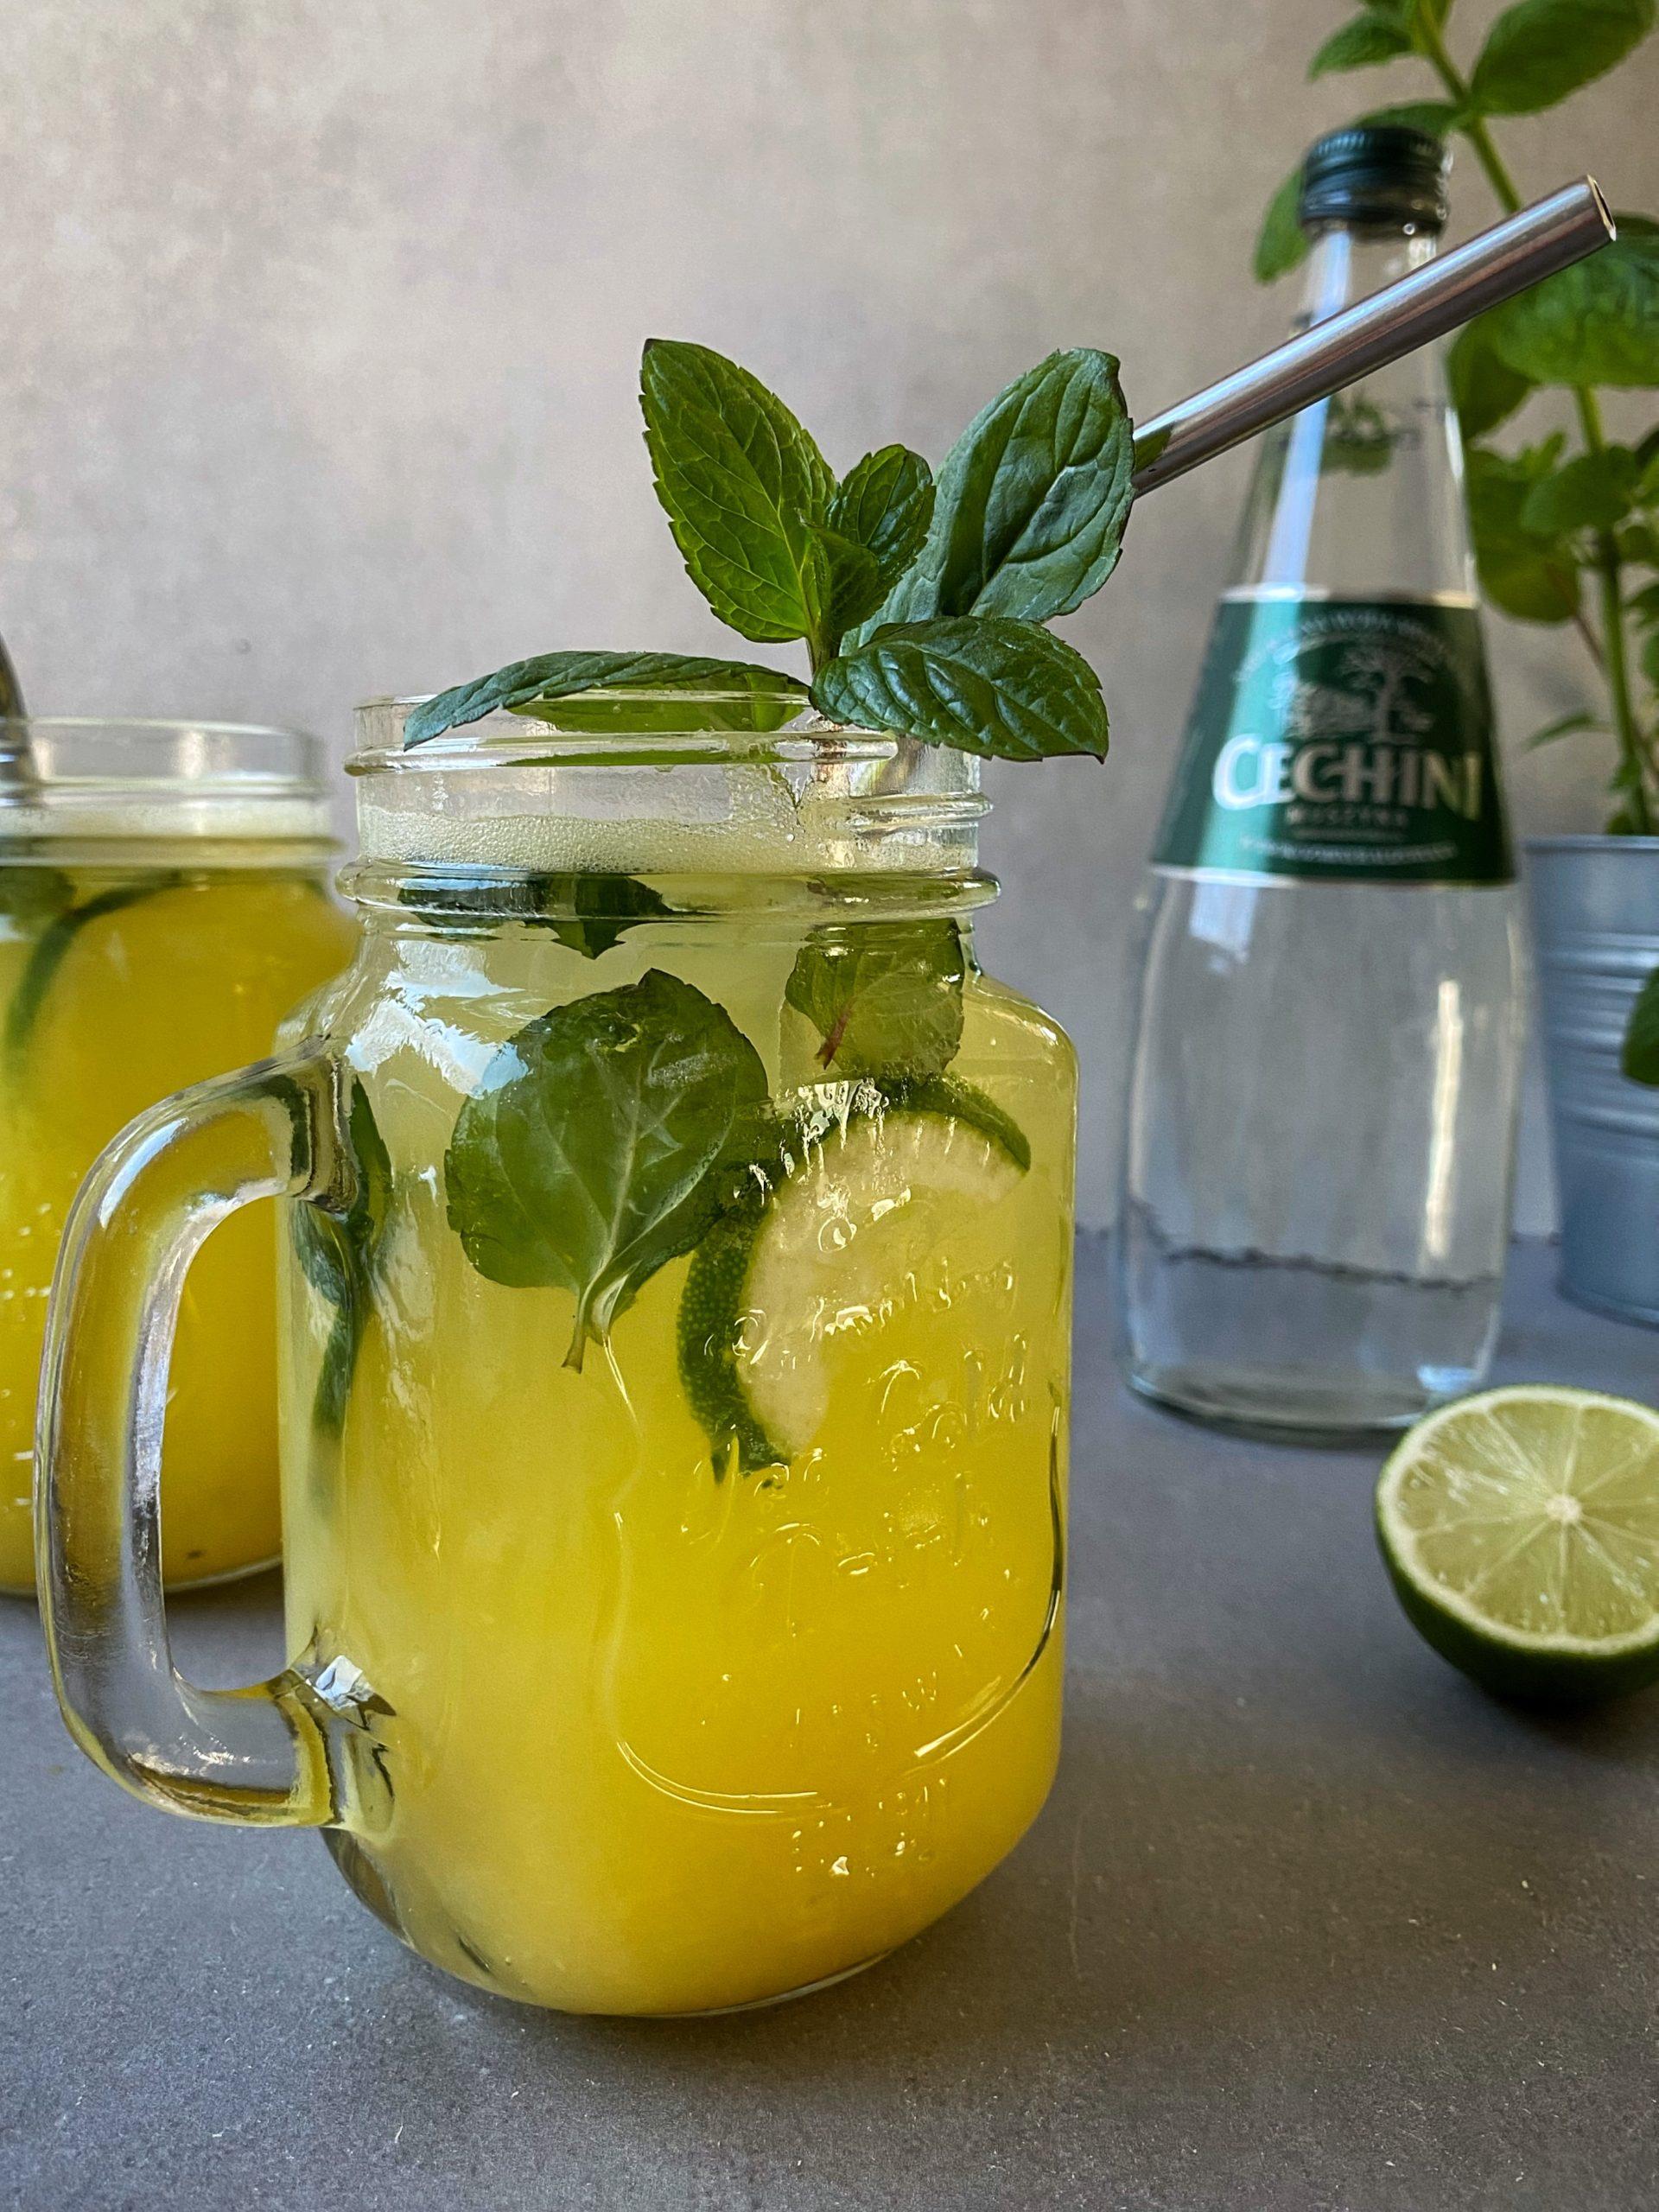 cechini muszyna drinki bezalkoholowe